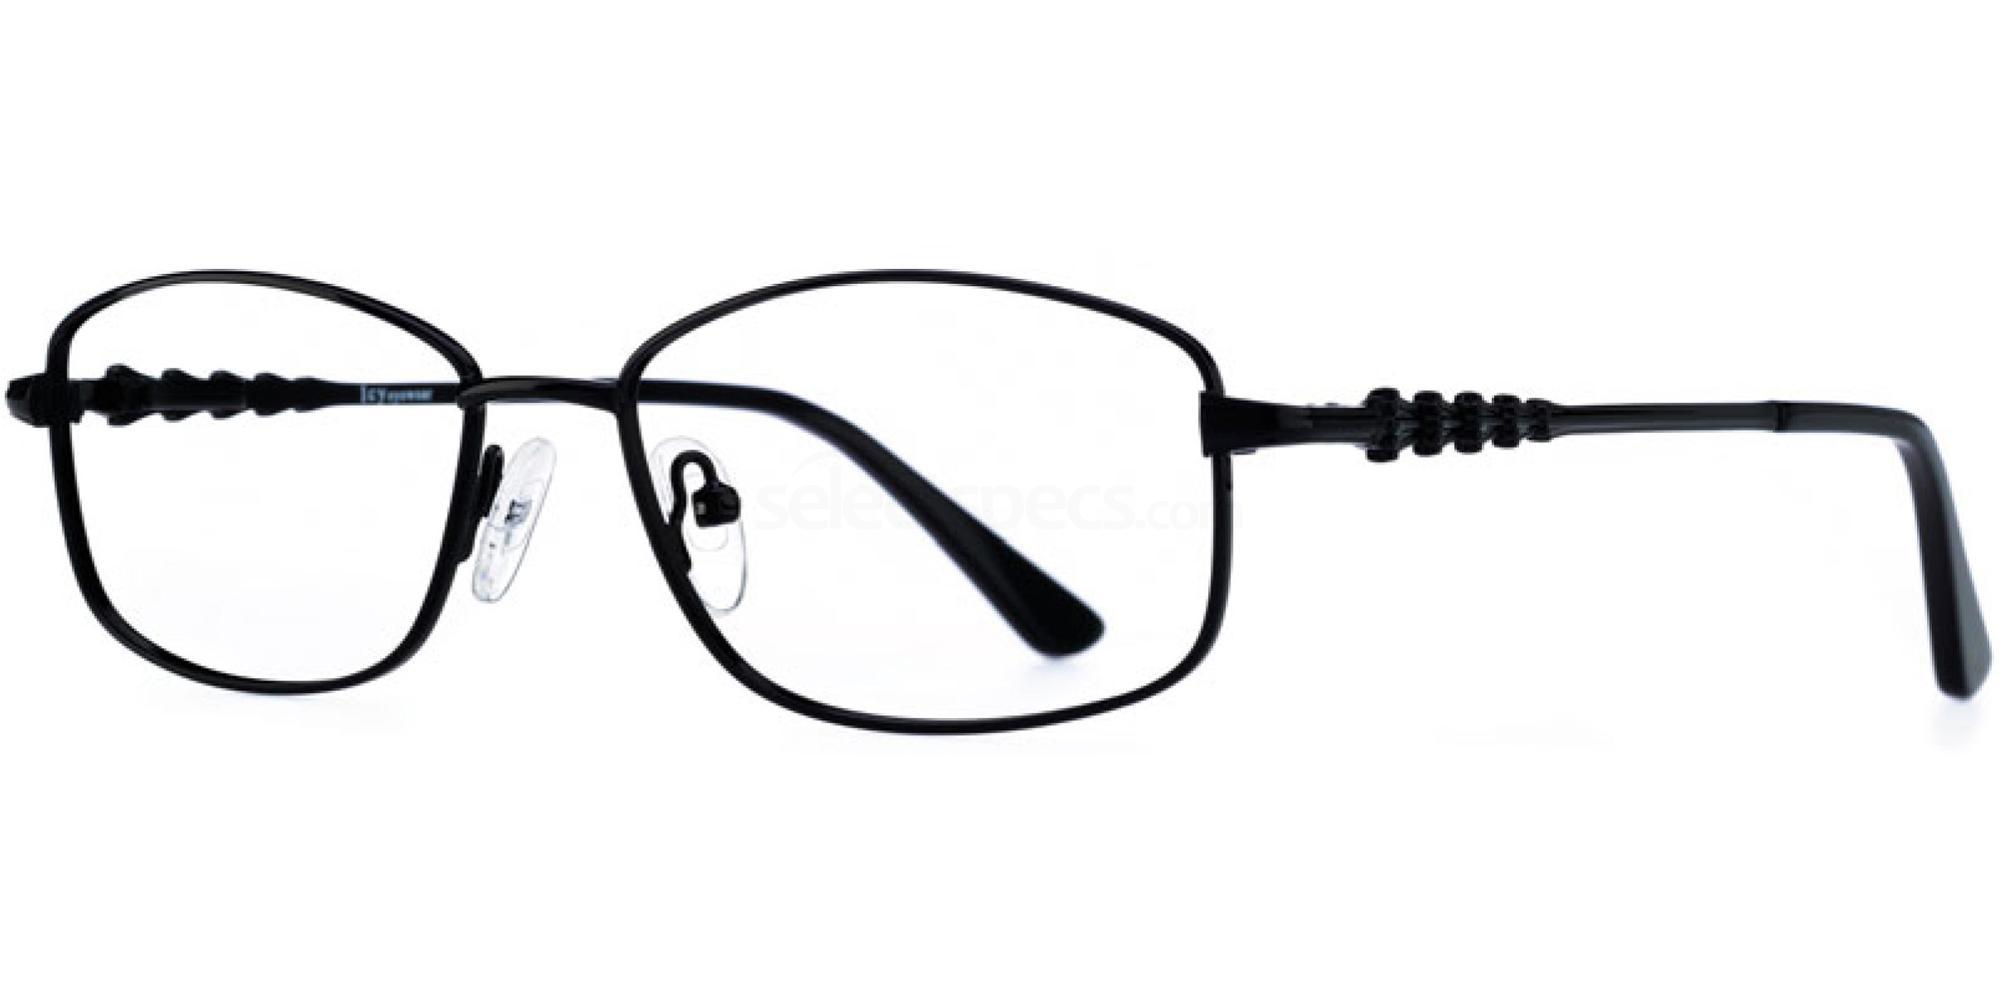 C1 Icy 774 Glasses, Icy Eyewear - Metals